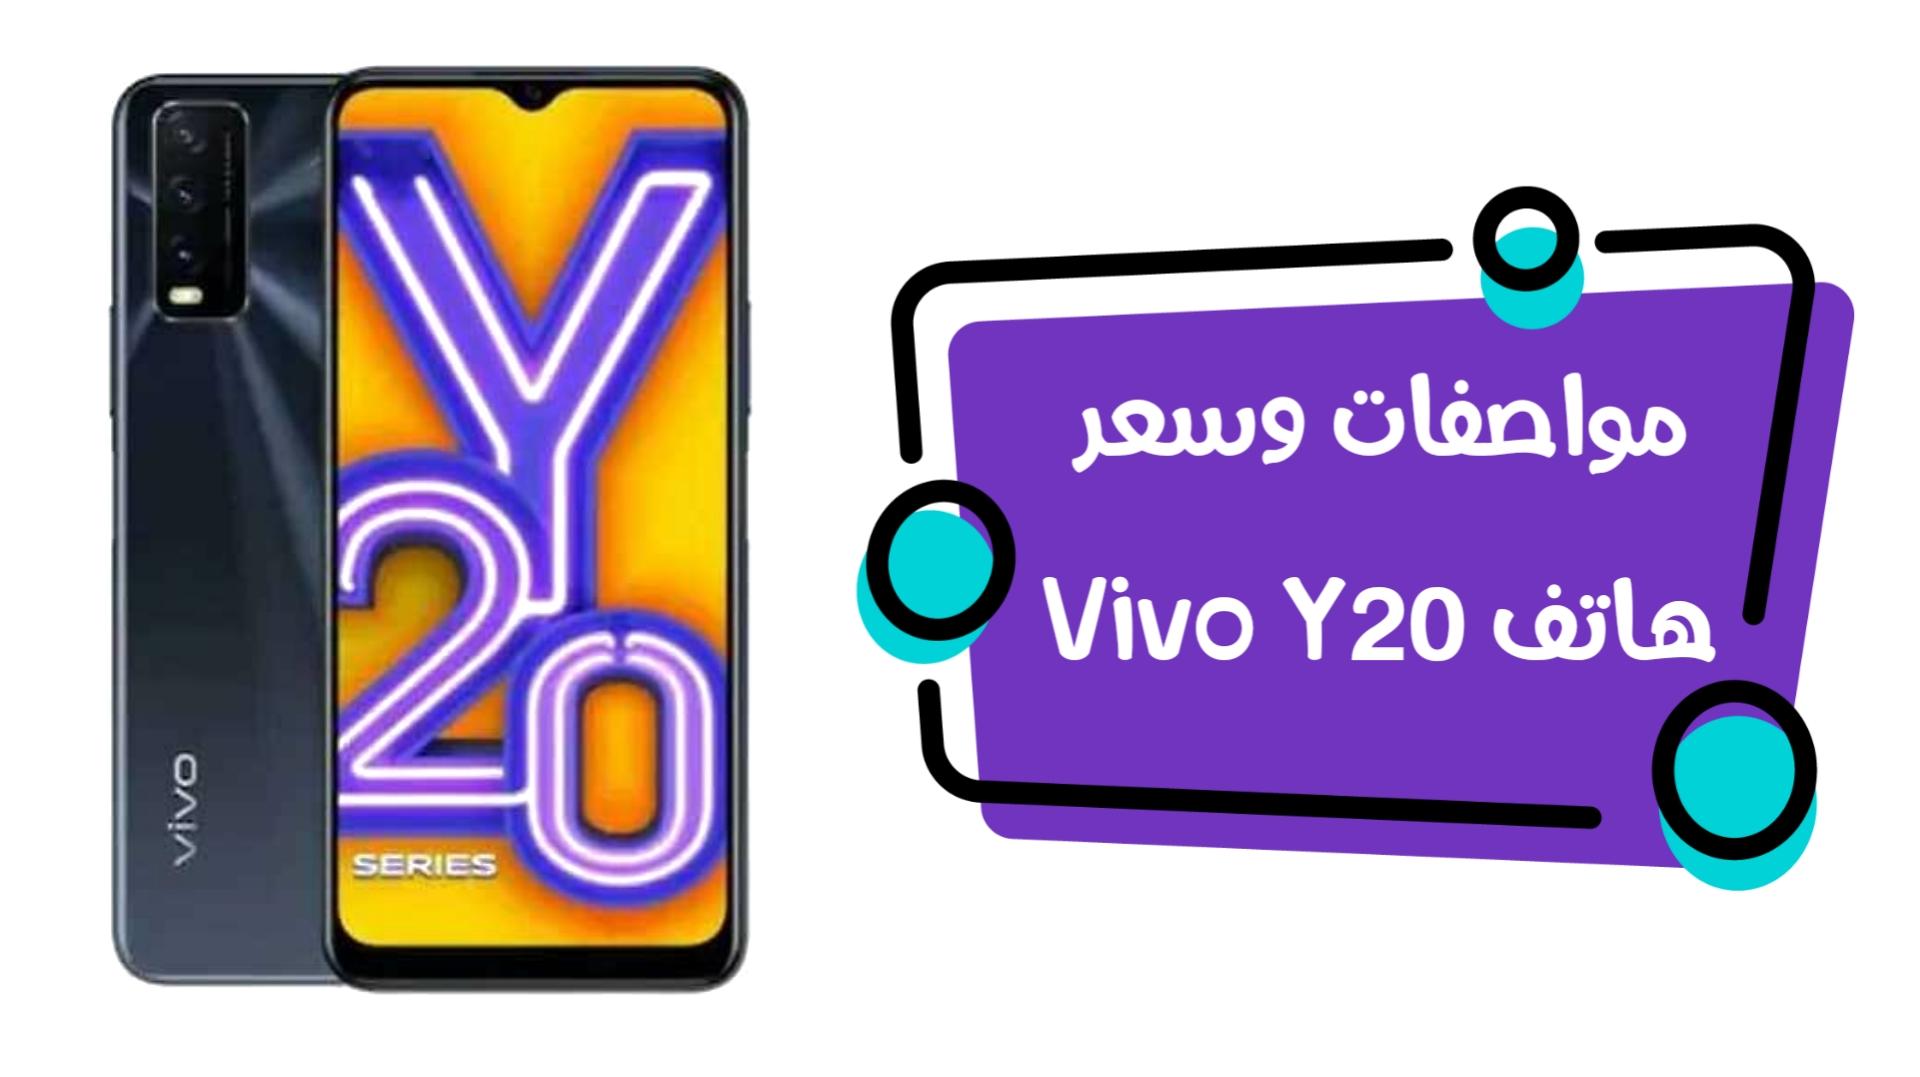 هاتف Vivo Y20 ينطلق رسمياً من شركة فيفو في 2021 إليك المواصفات والسعر.